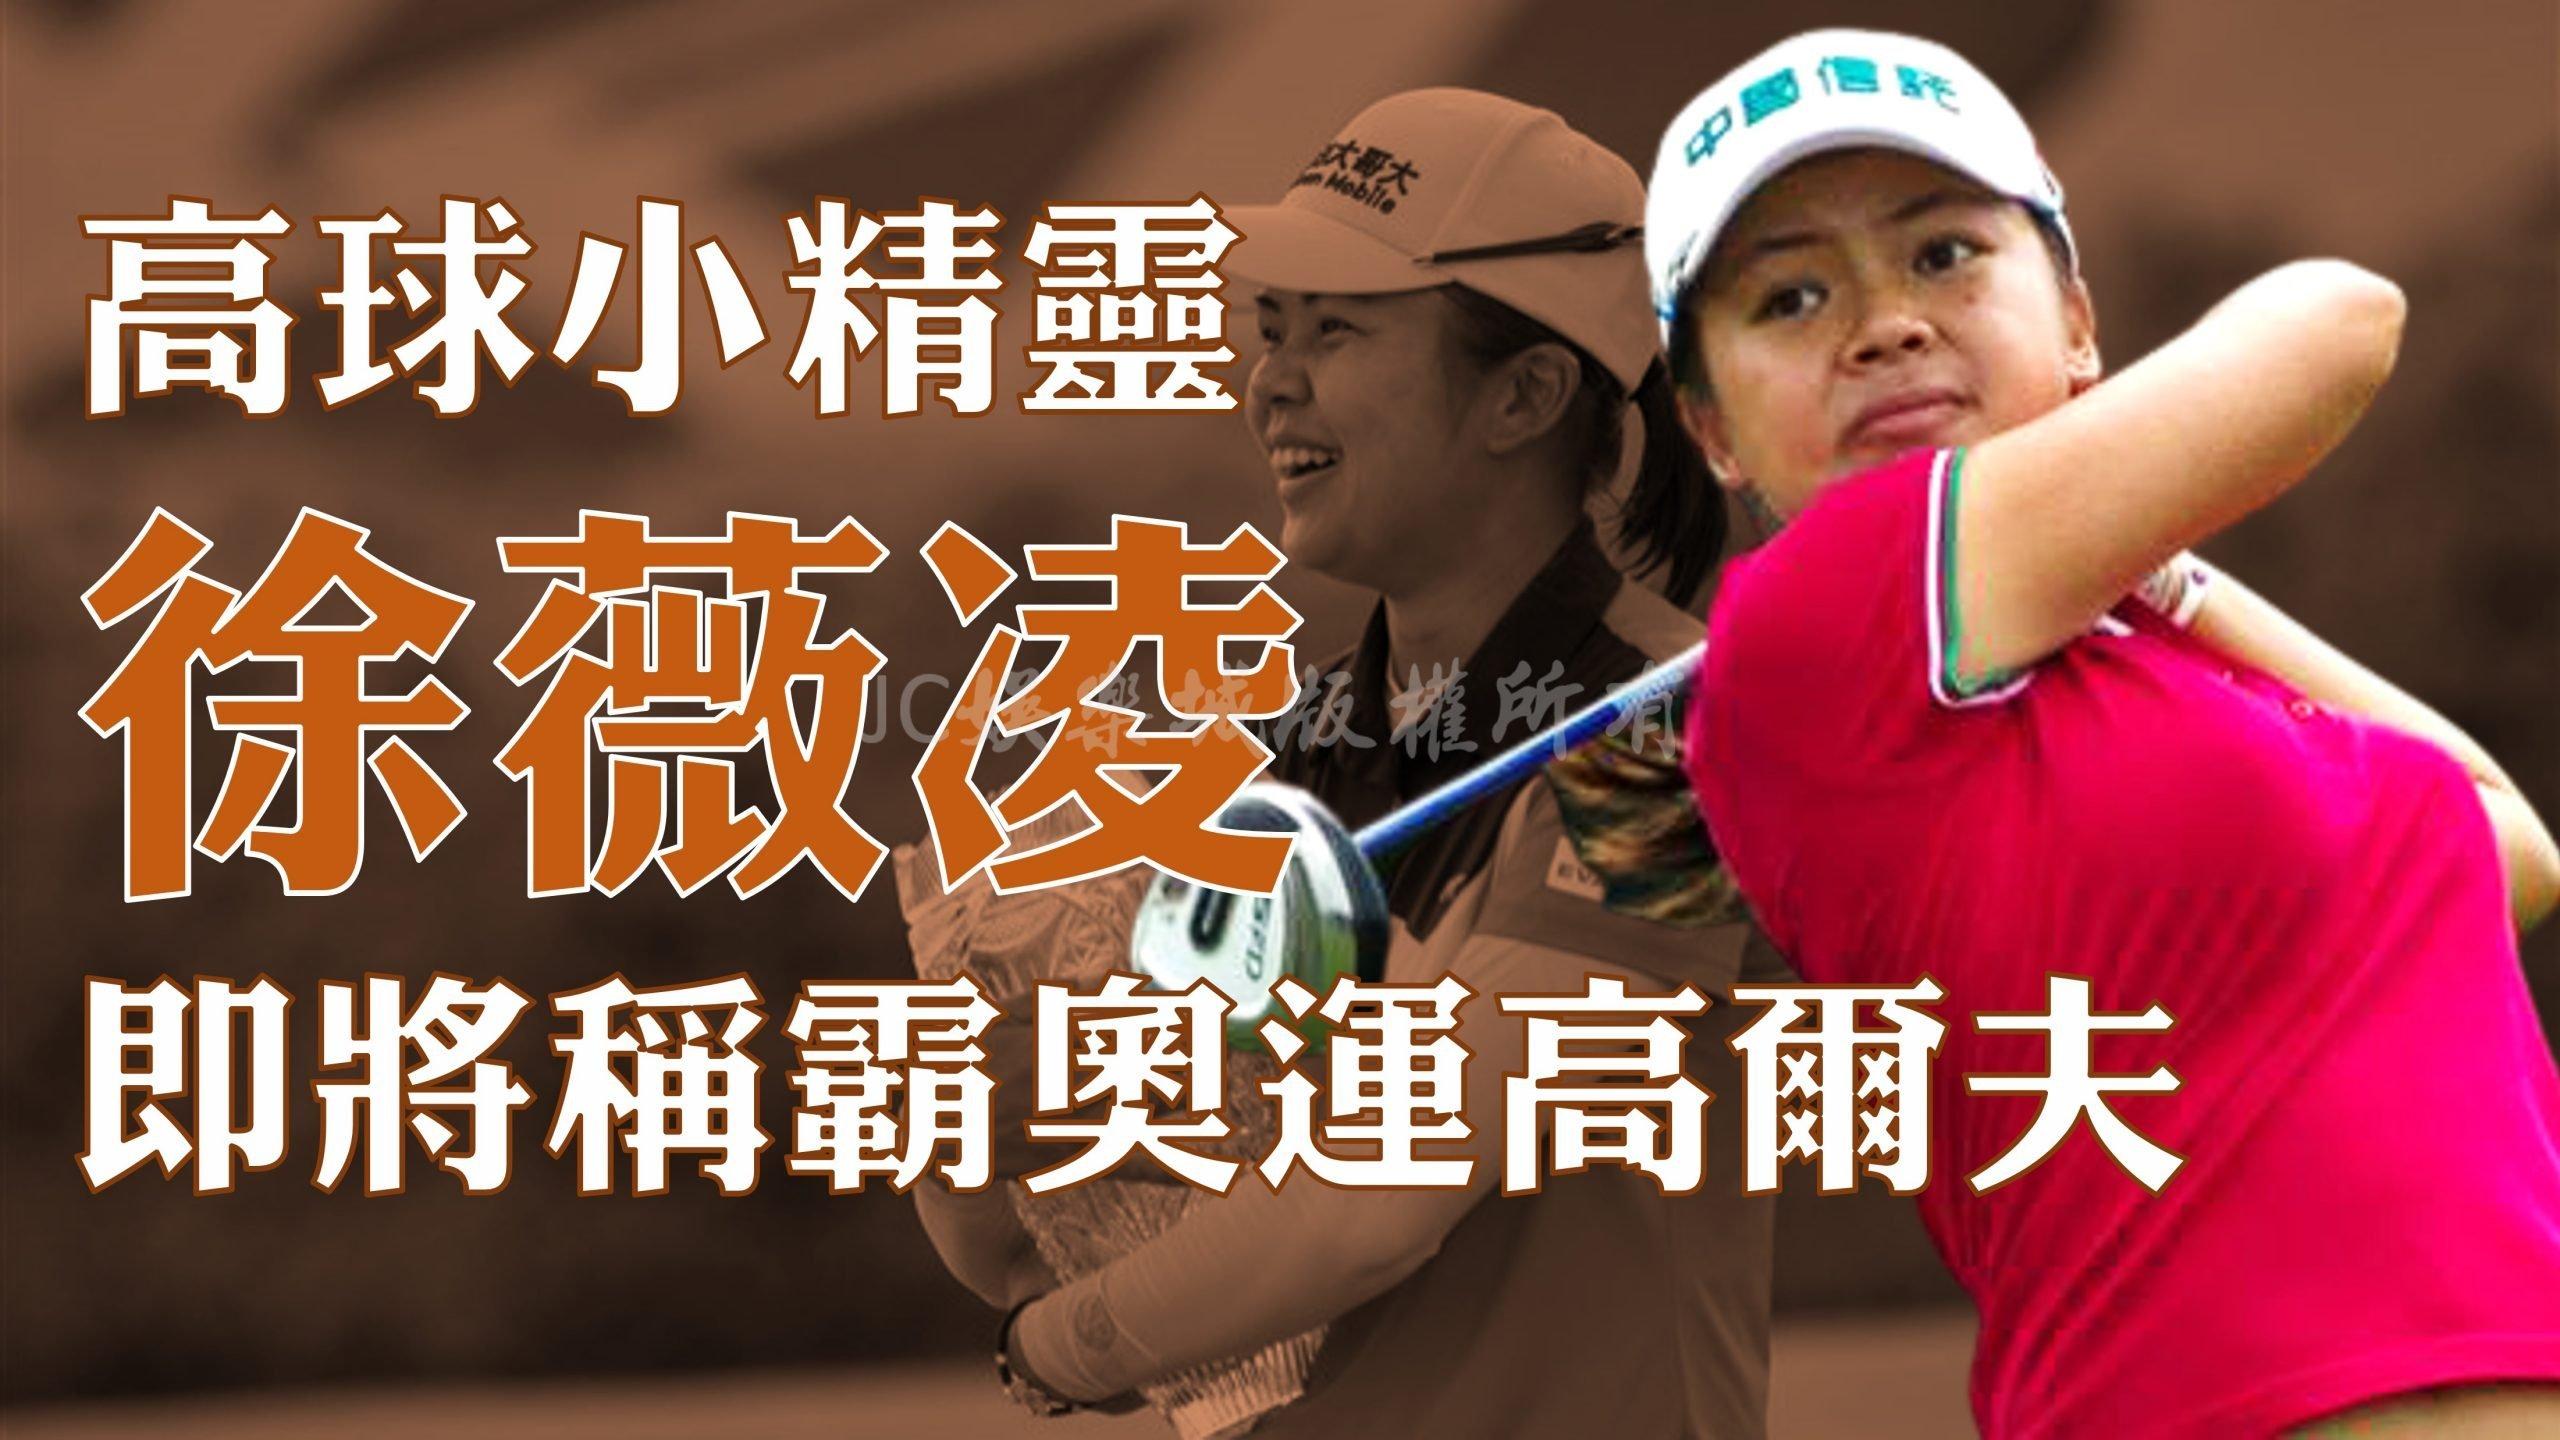 別錯過【奧運高爾夫球】女子賽事!「高球小精靈」徐薇凌即將大展身手!